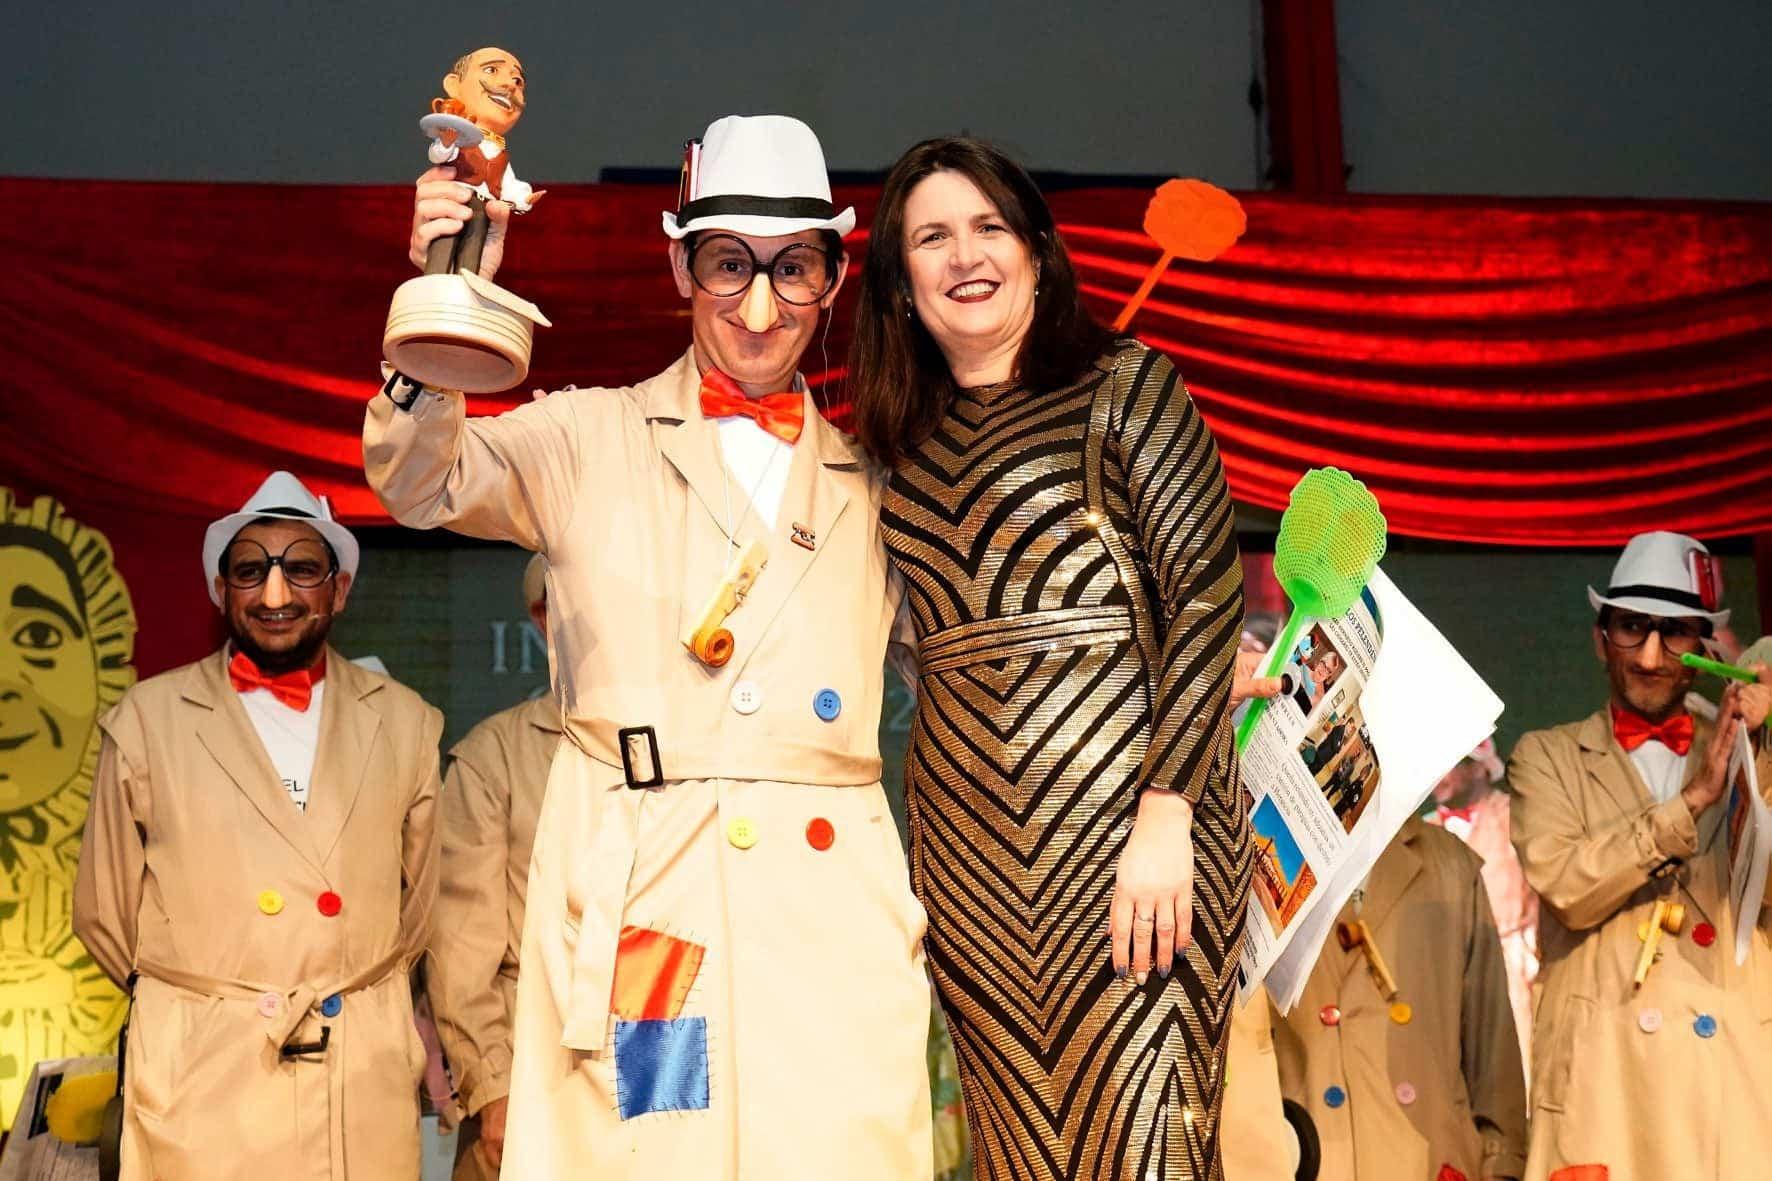 inauguracion carnaval 2020 herencia 45 - Inauguración del Carnaval de Herencia 2020